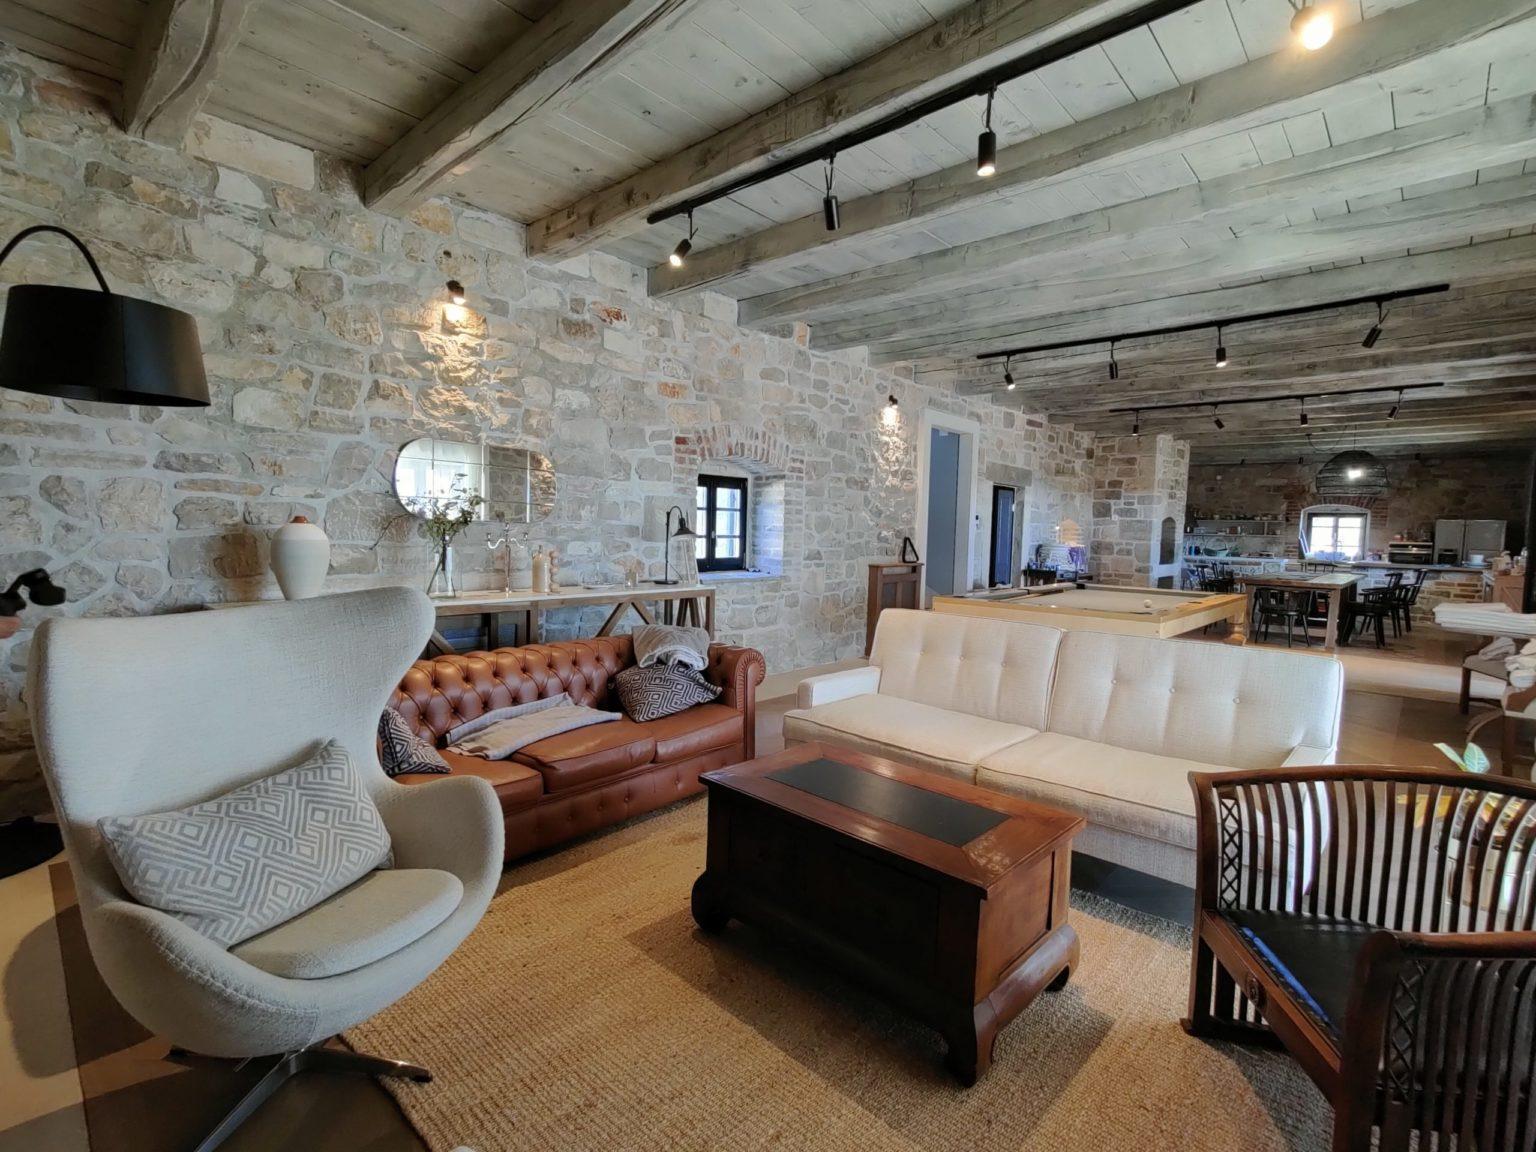 hochzeitslocation Kroatien location hochzeit heiraten 6 8 scaled - Moderne Villa